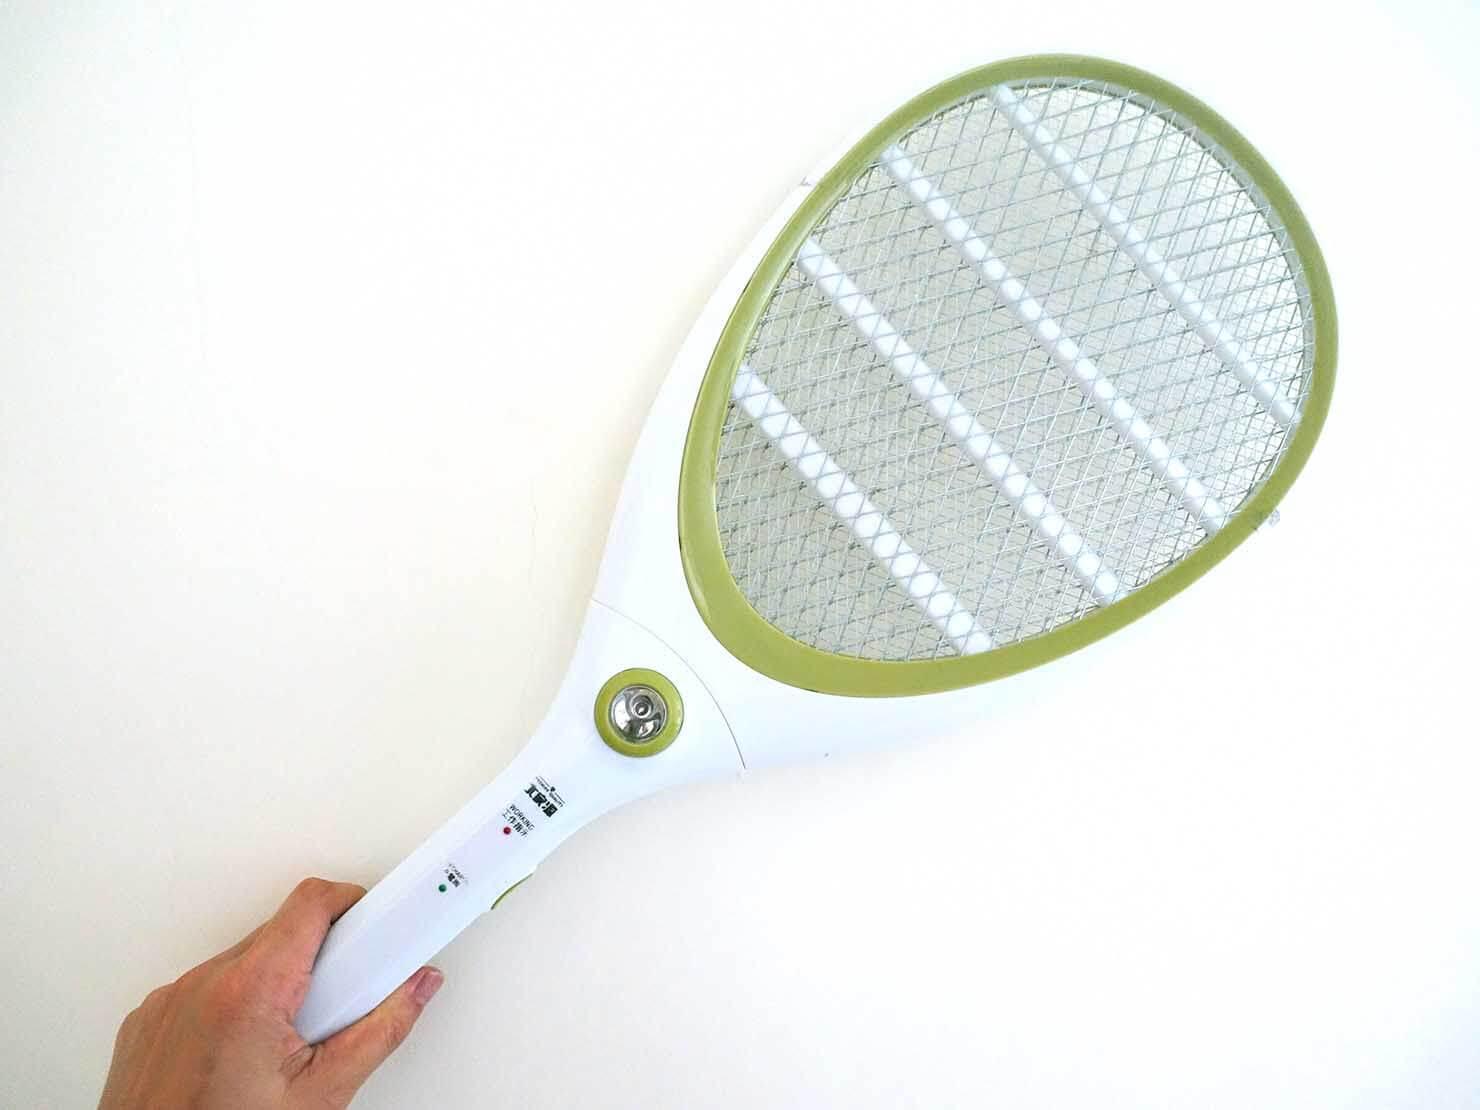 台北生活で愛用しているアイテム「電蚊拍」